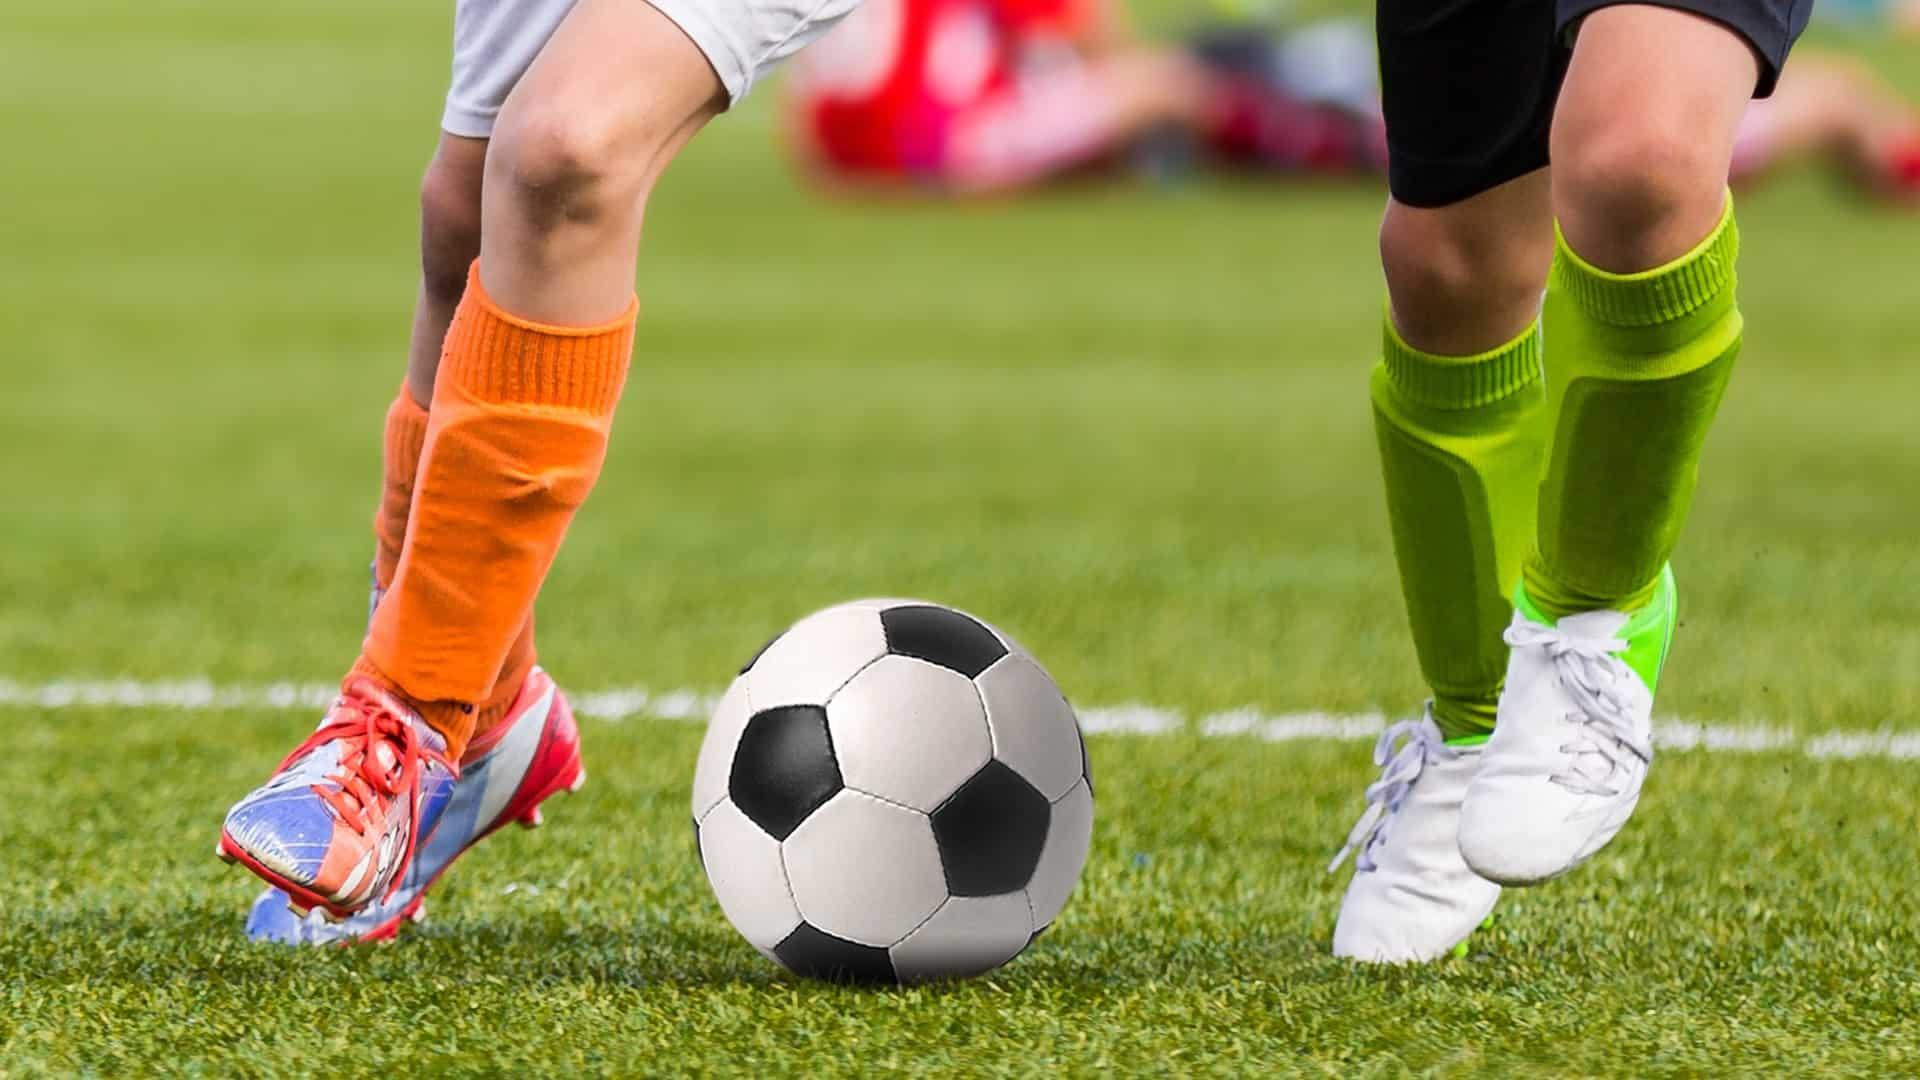 Espinilleras de fútbol: ¿Cuáles son las mejores del 2021?